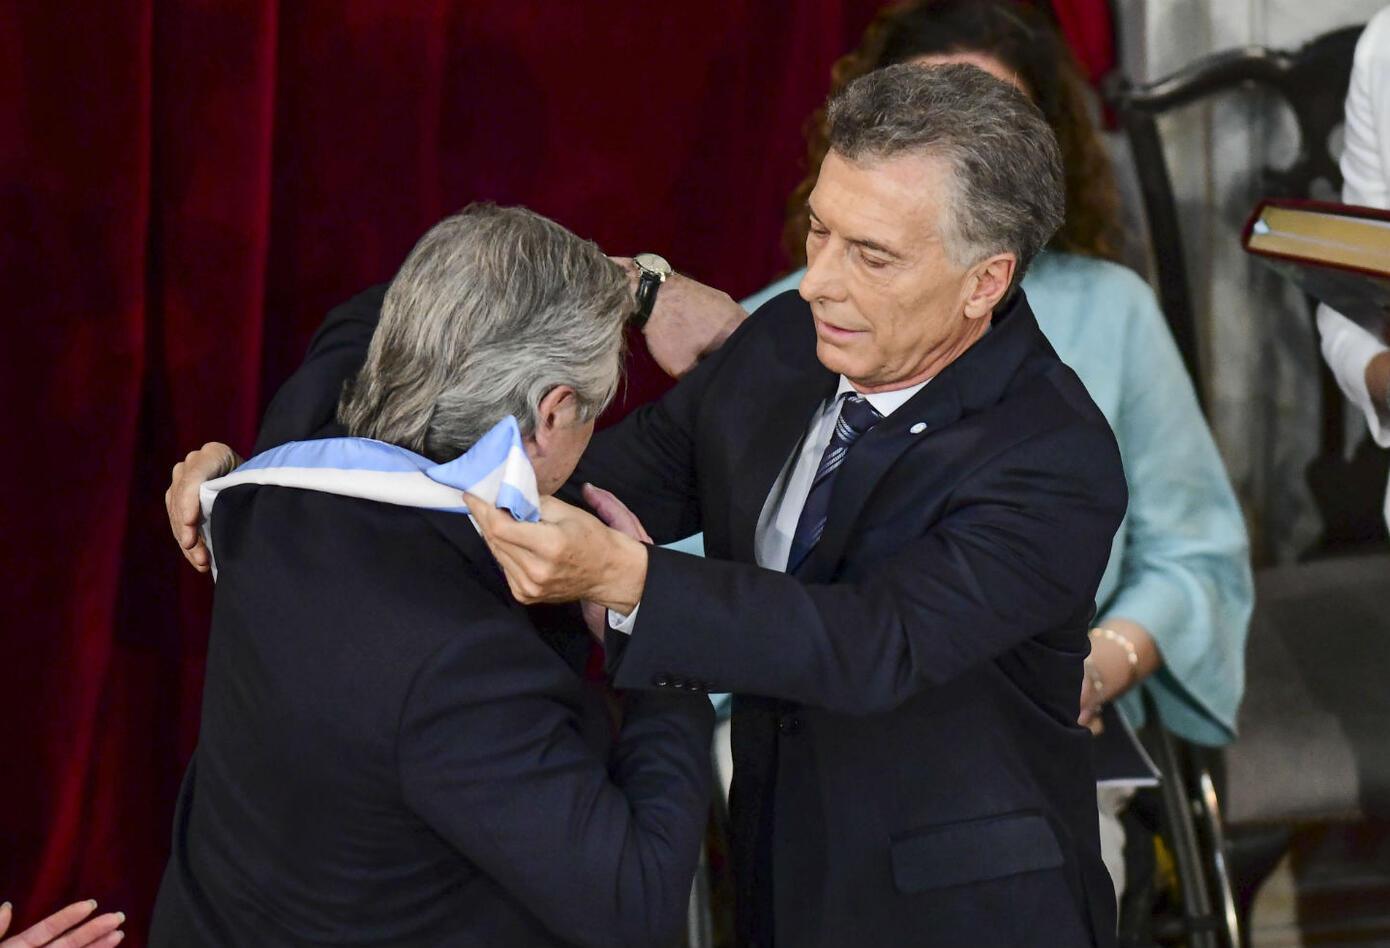 Mauricio Macri entregando la banda presidencial a Alberto Fernández